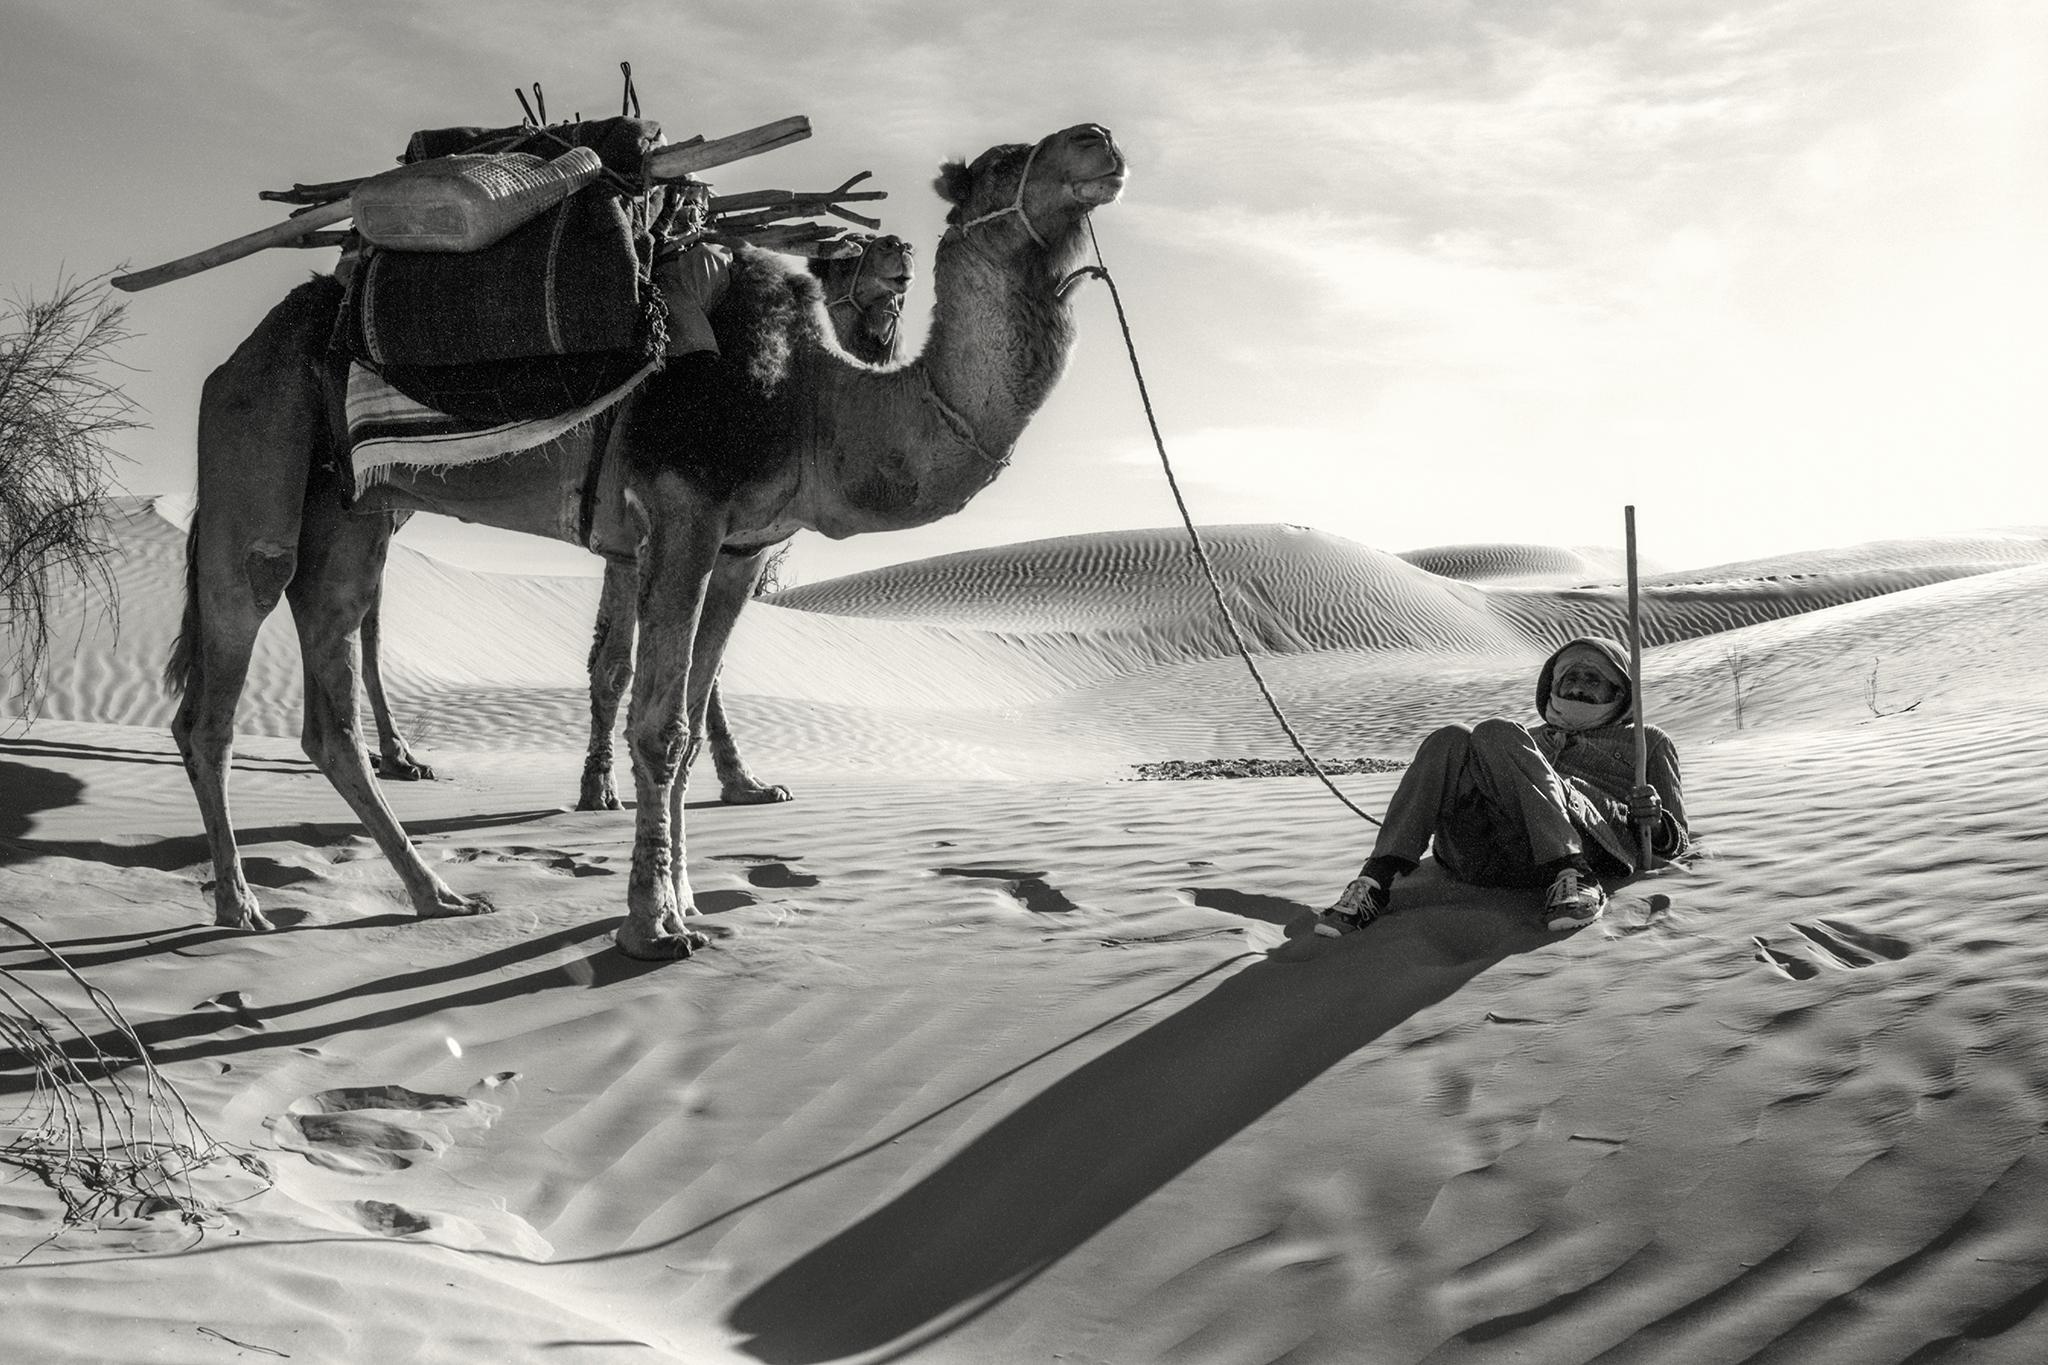 Mohammed bereit zum Aufbruch. Sahara, 2003